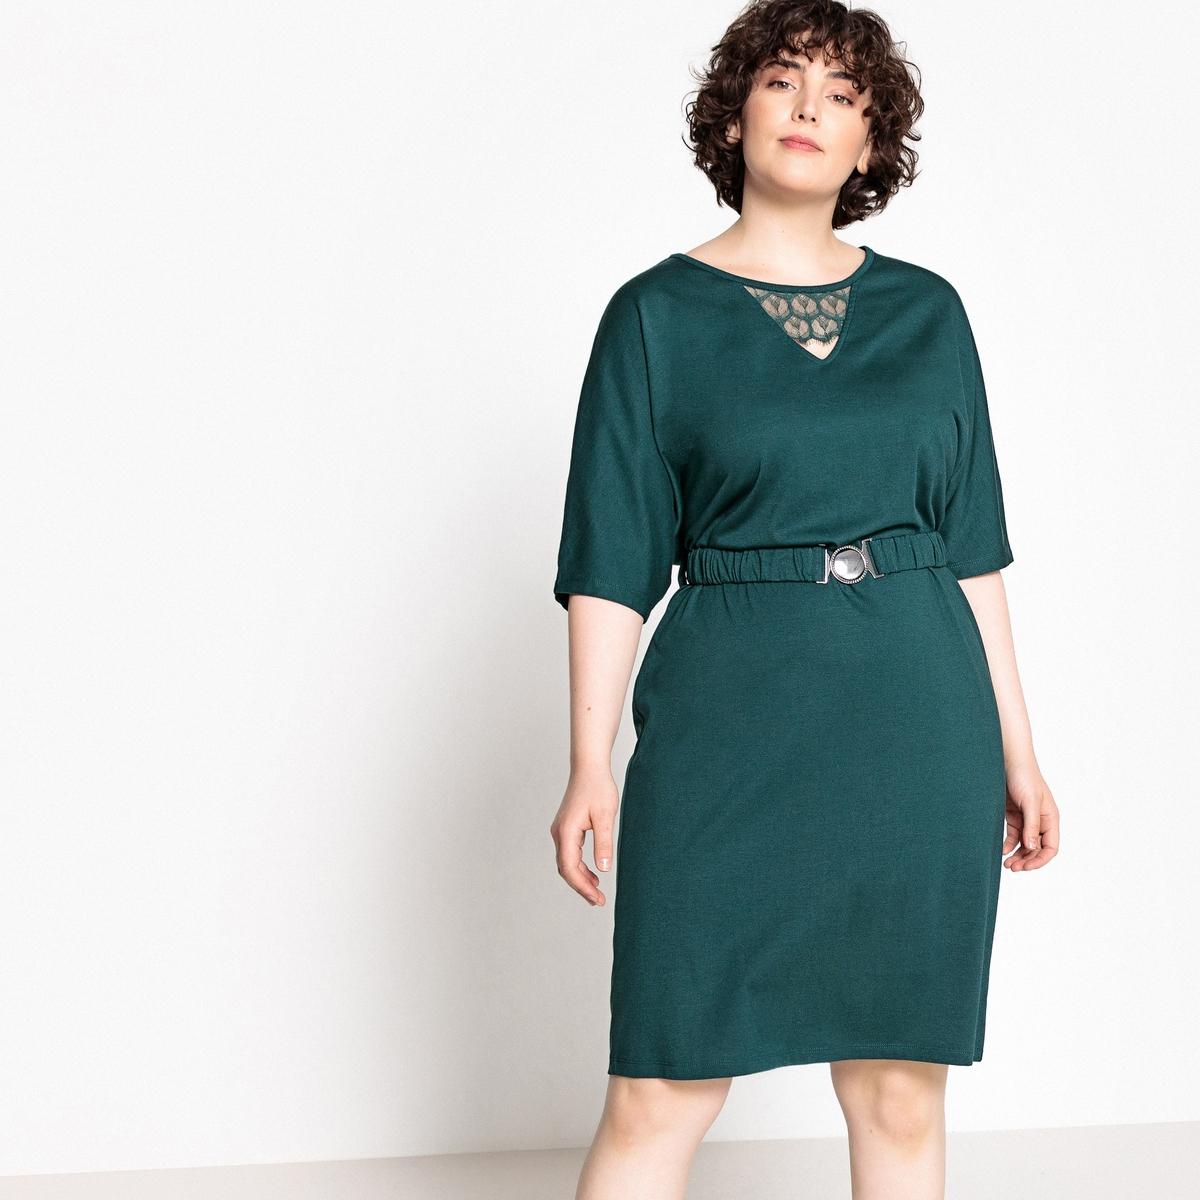 Платье La Redoute Прямое средней длины с ремешком вставки из кружева 52 (FR) - 58 (RUS) зеленый жакет la redoute из хлопка с карманами 52 fr 58 rus зеленый